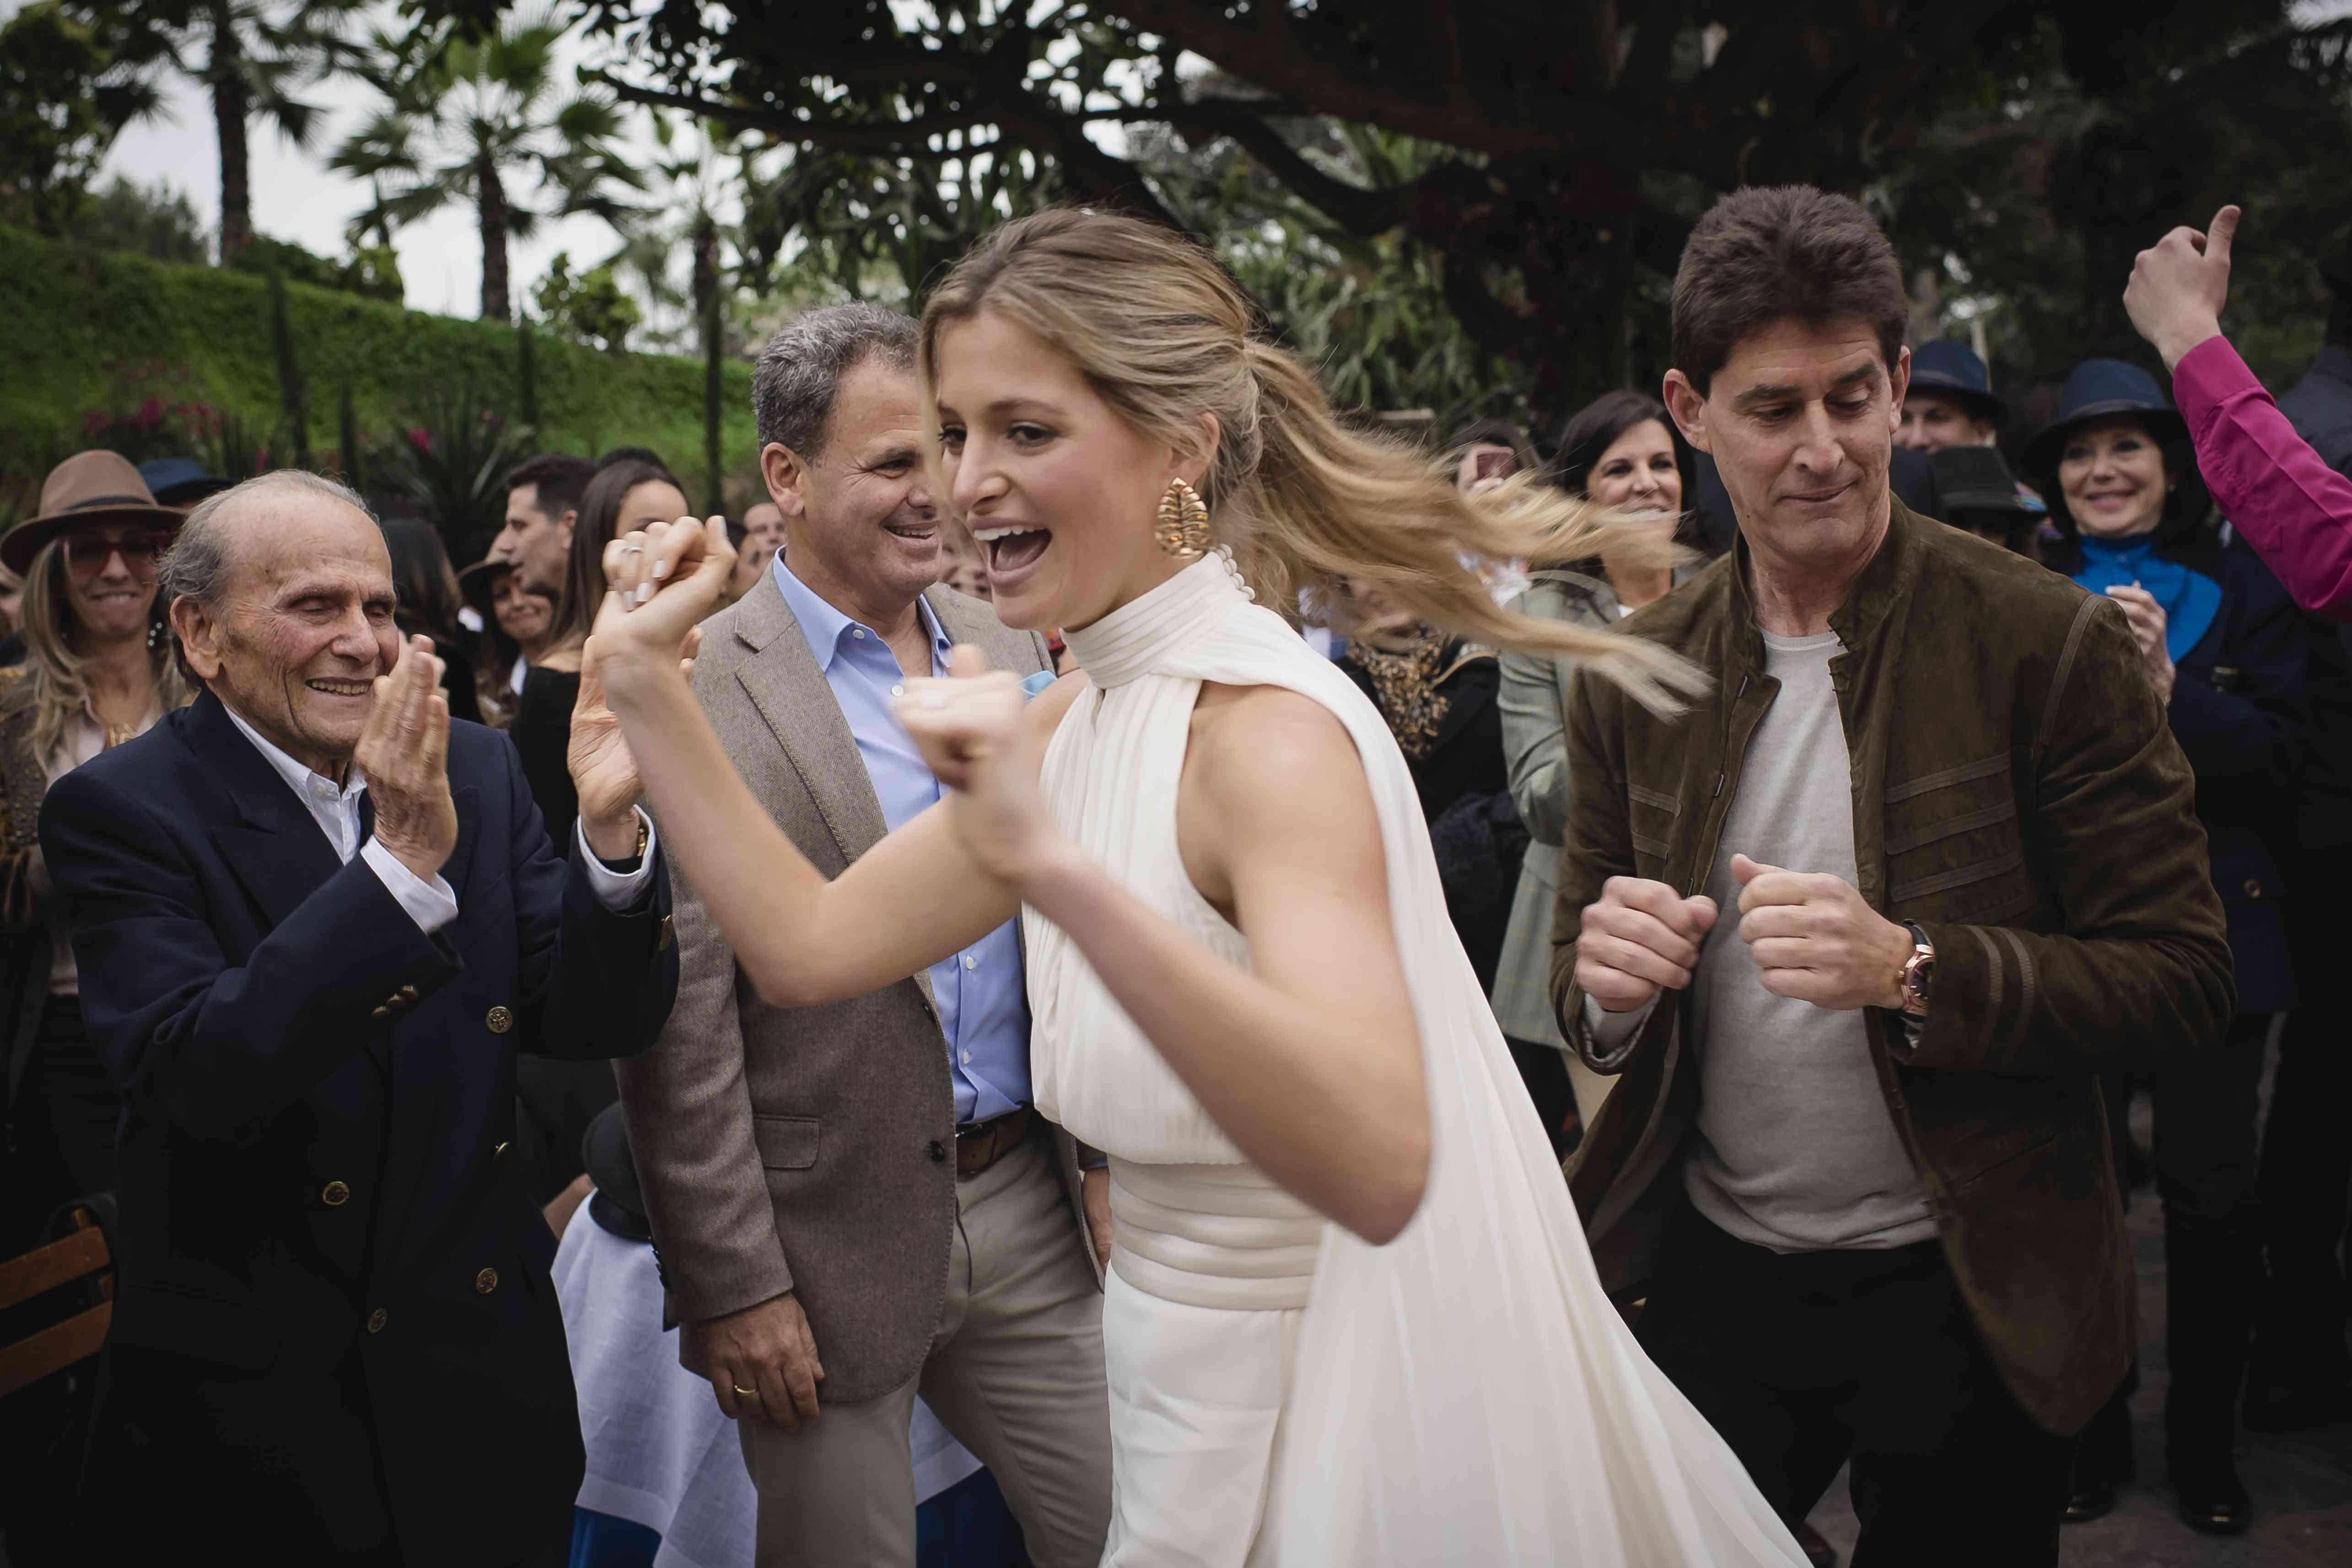 <p>Bride dancing</p><br><br>